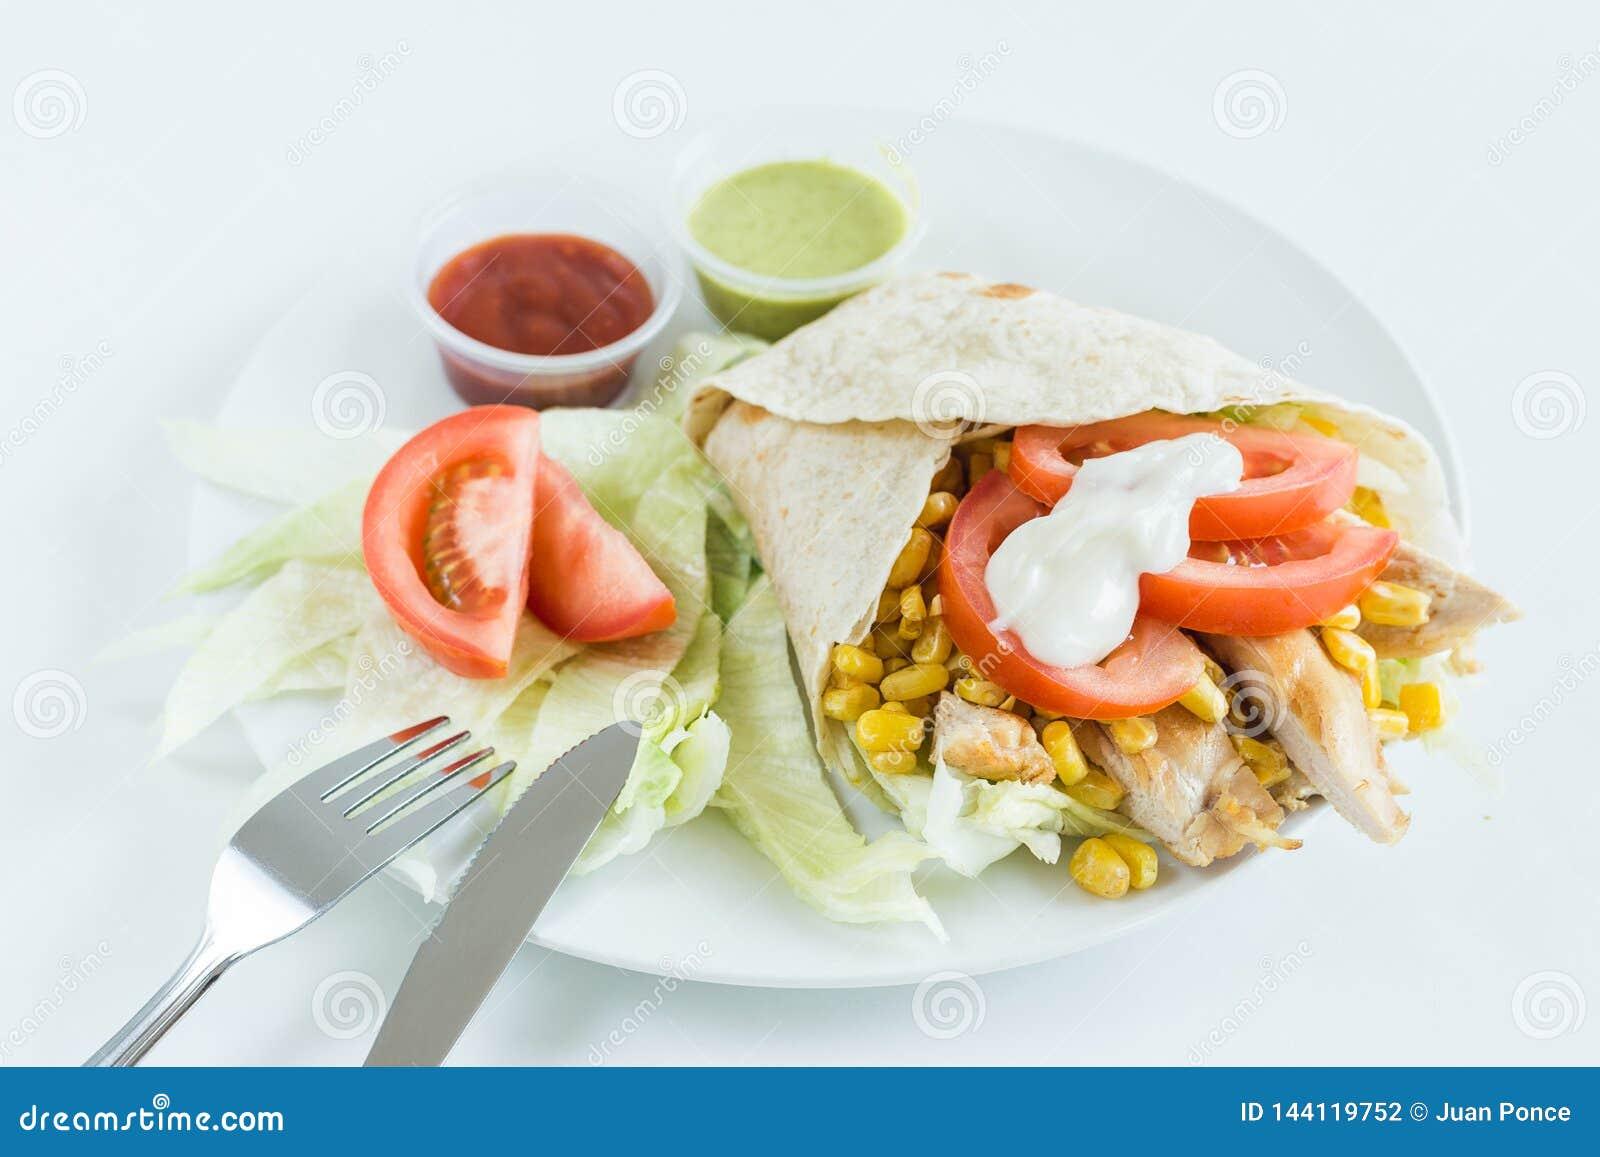 Burritoverpackung mit Tomate, Mais, Kopfsalat, Huhn, Mayonnaise und Soßen mit weißem Hintergrund